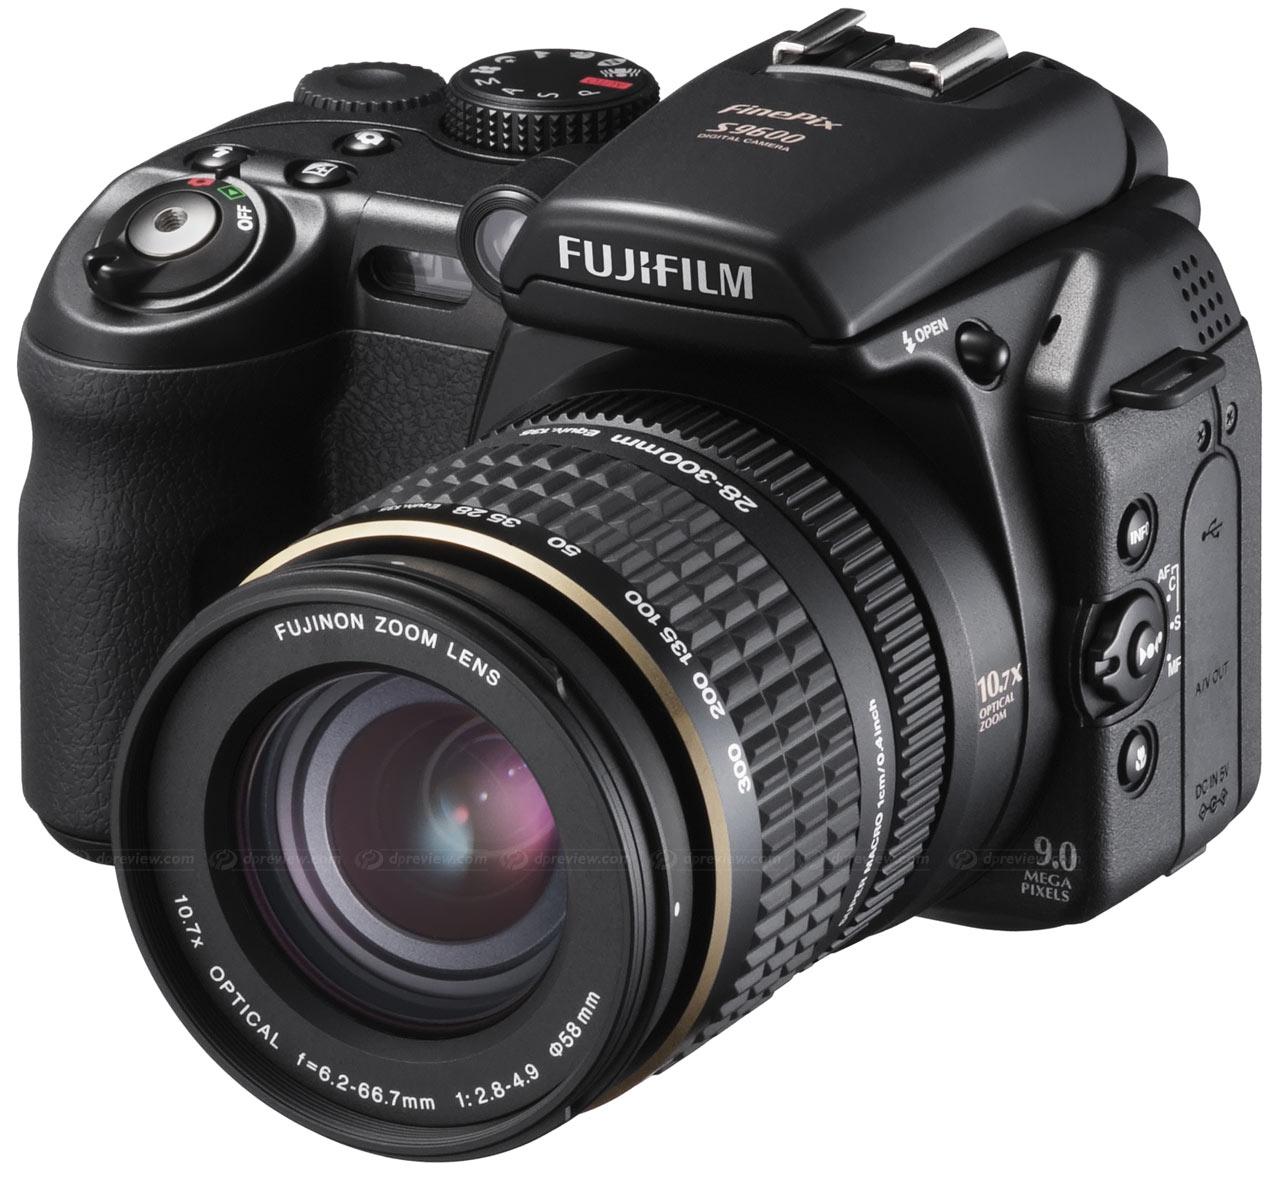 Camera Dslr Camera Fujifilm fuji s9600 jpeg fujifilm dslr cameras